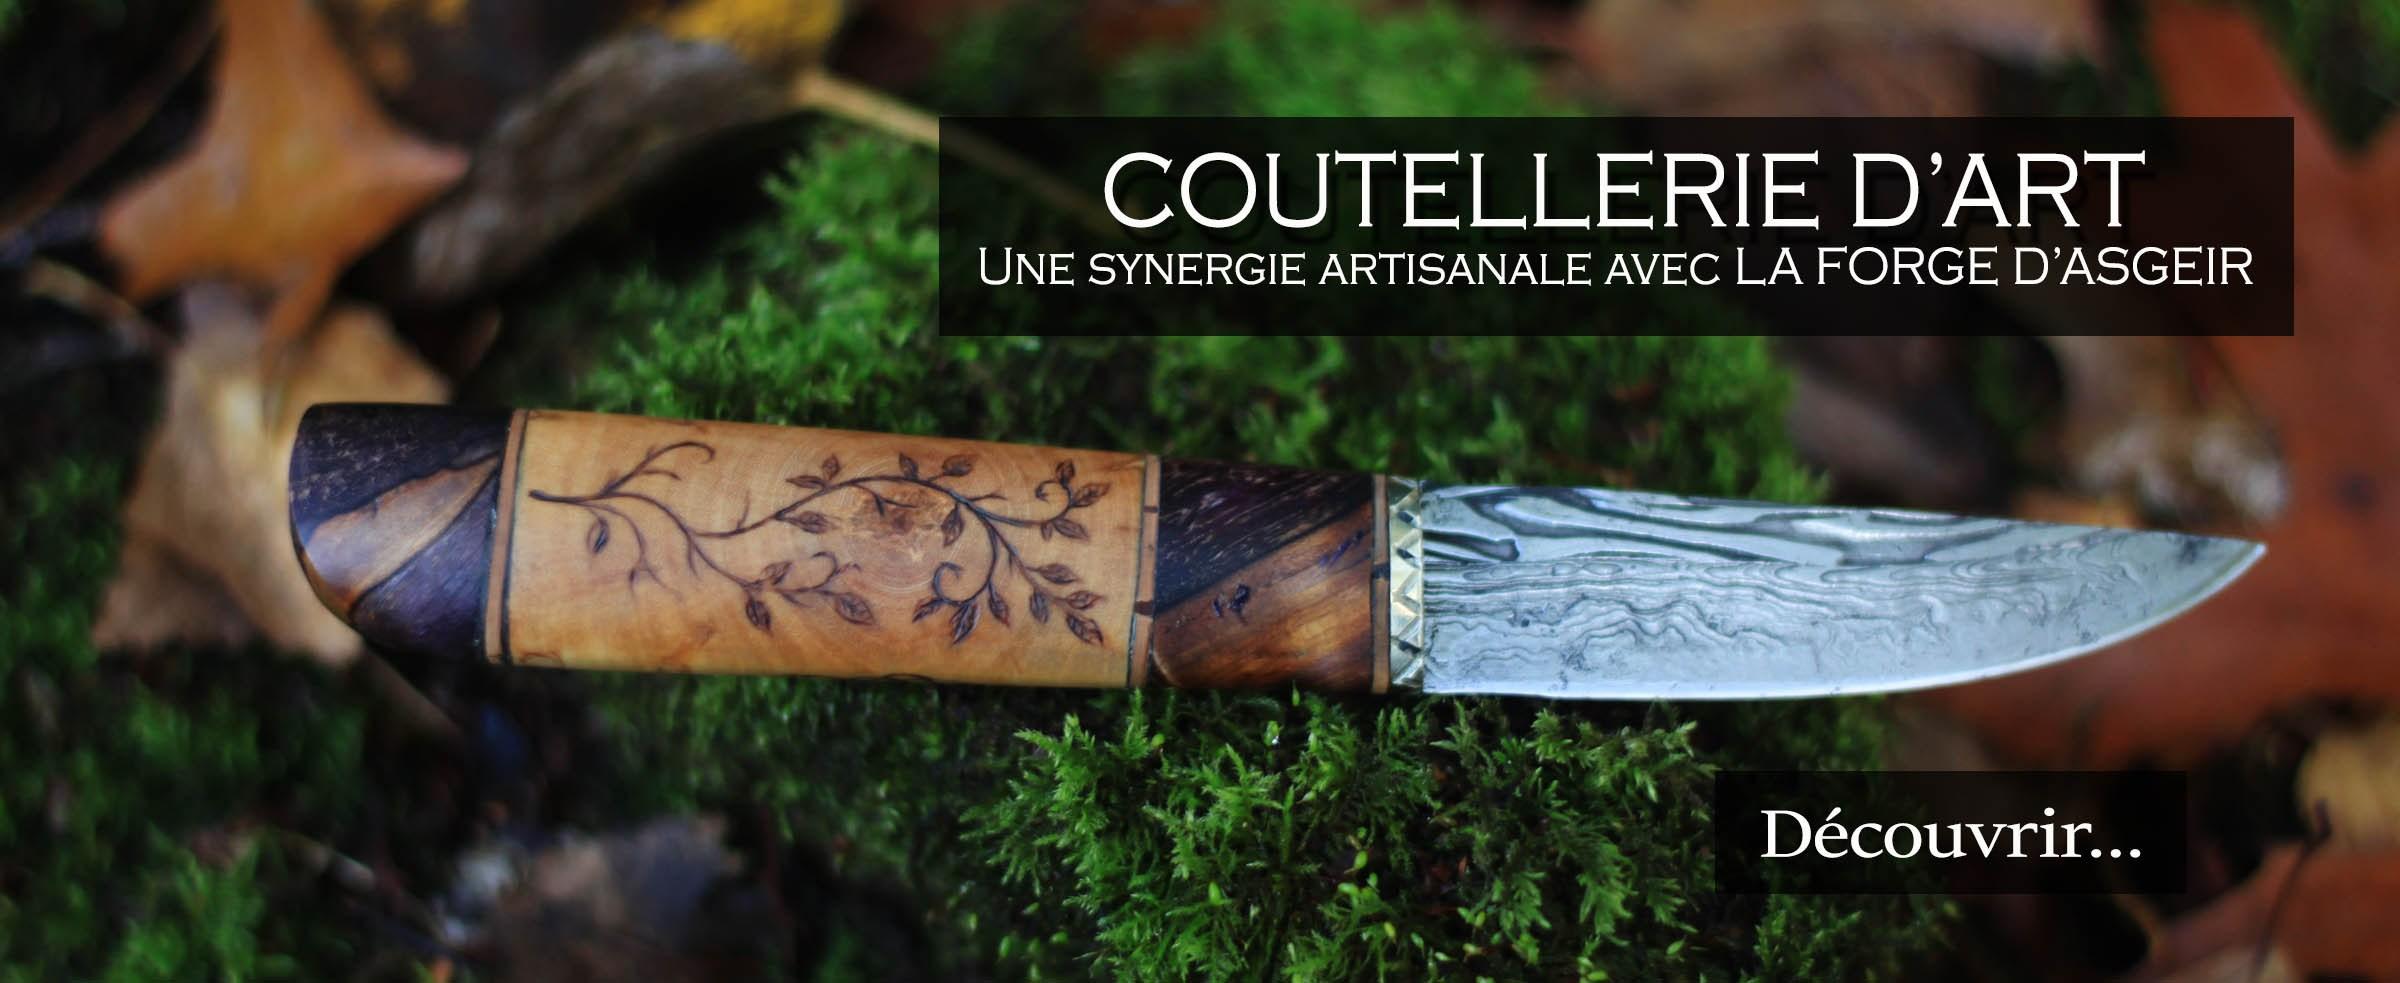 Coutellerie d'art par la forge d'Asgeir et l'atelier de la Lettre aux ours - Missive to Bears, artisanat français et écologique en Normandie